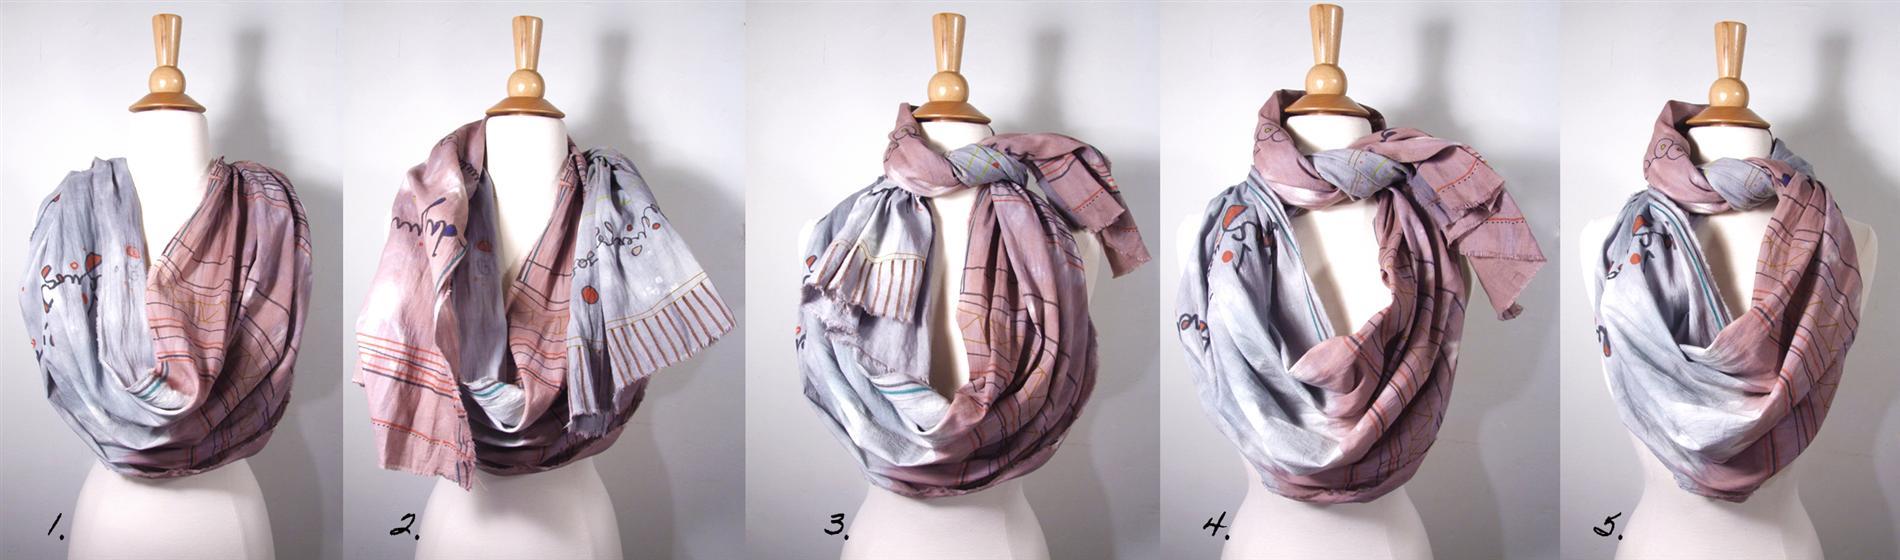 как модно завязать шарф